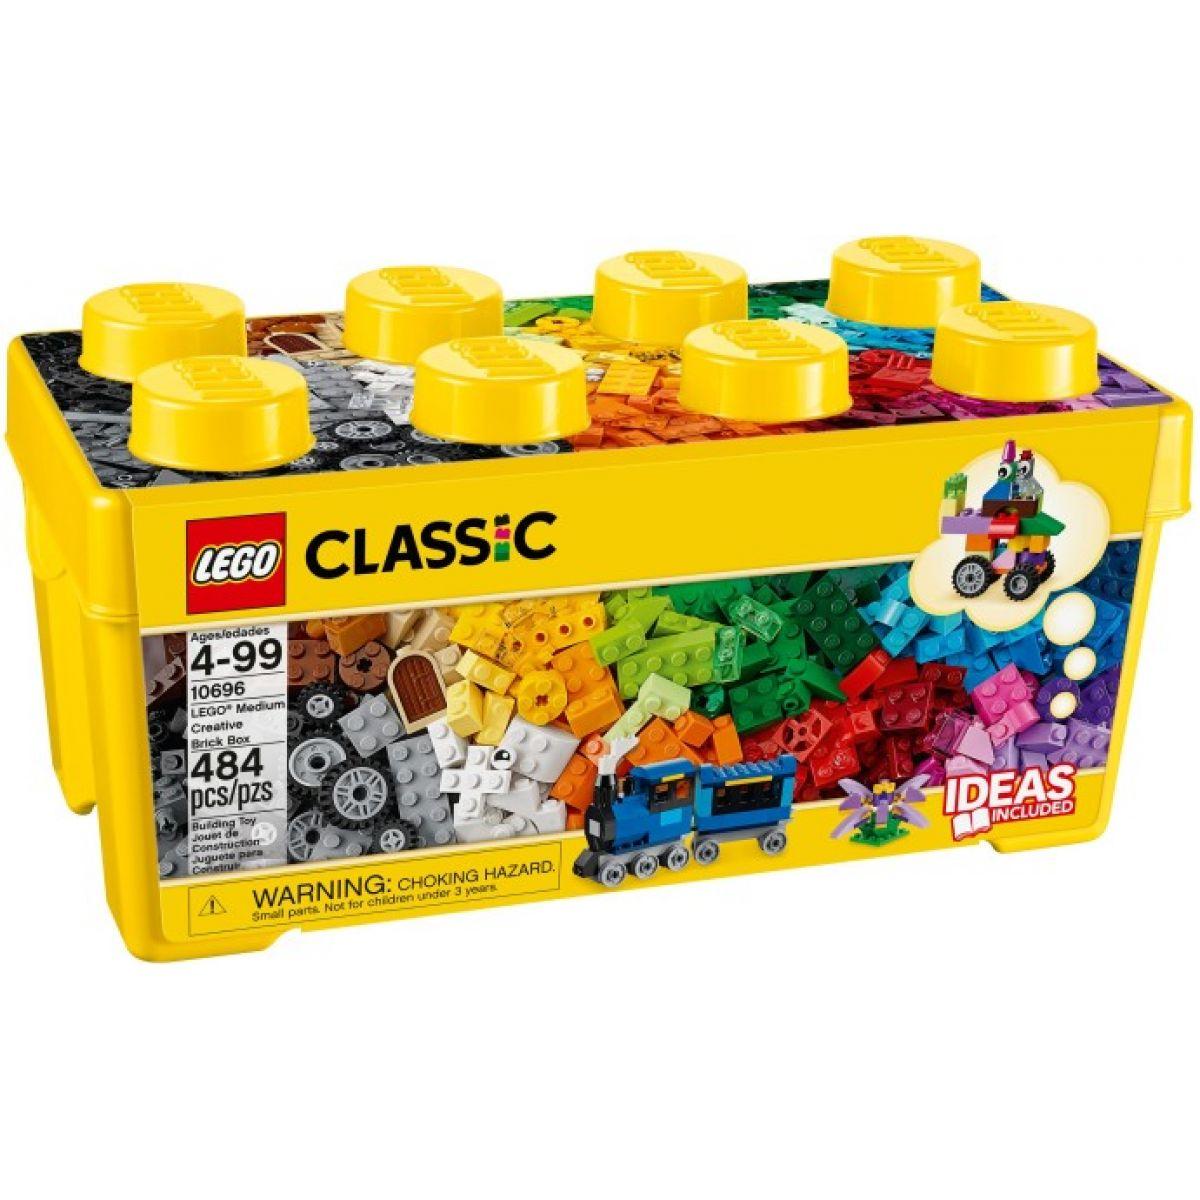 LEGO Classic 10696 Stredný kreatívny box